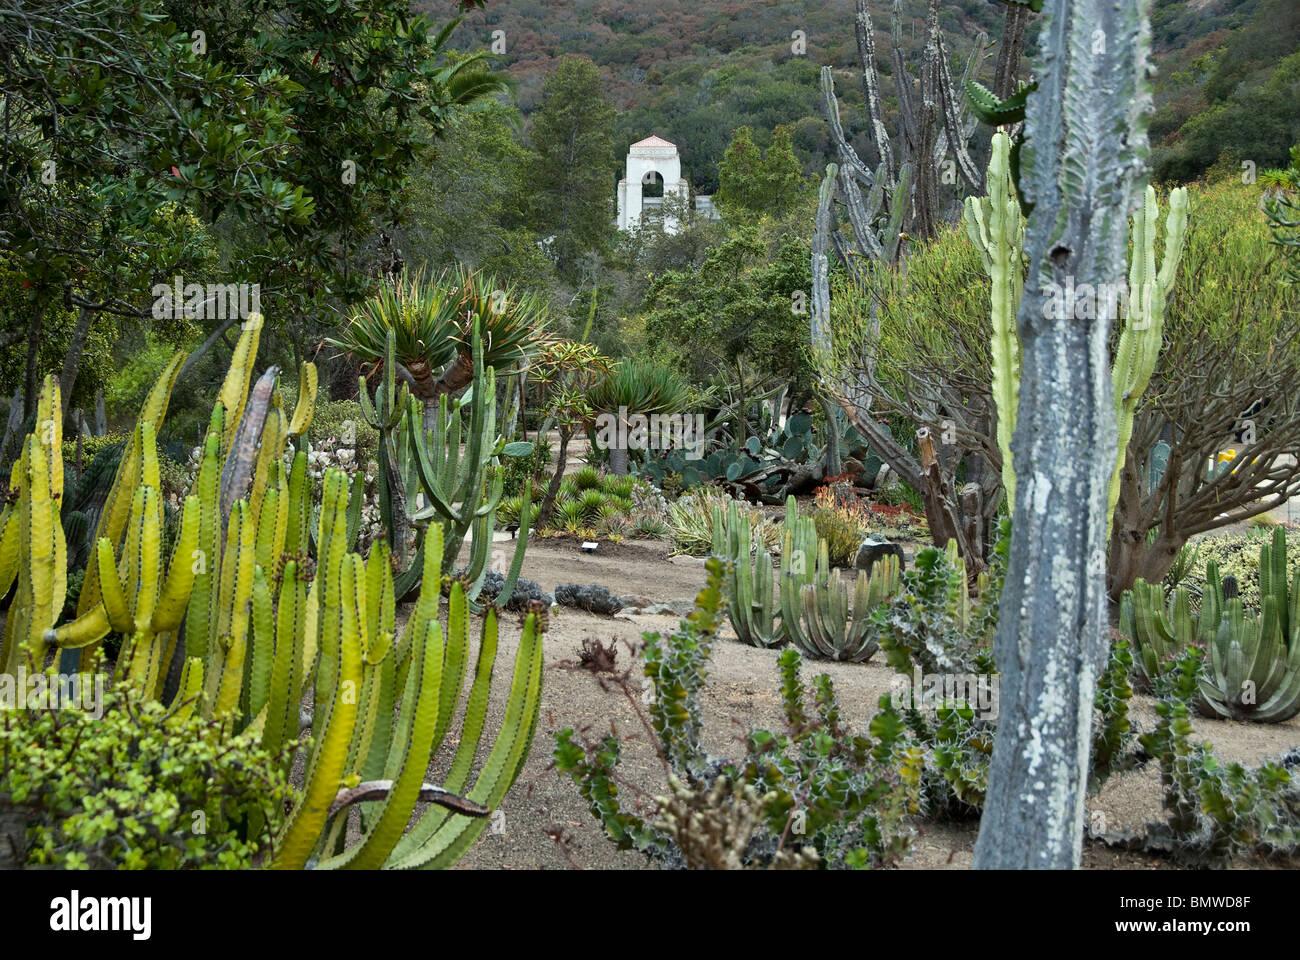 wrigley memorial and botanical gardens catalina island california